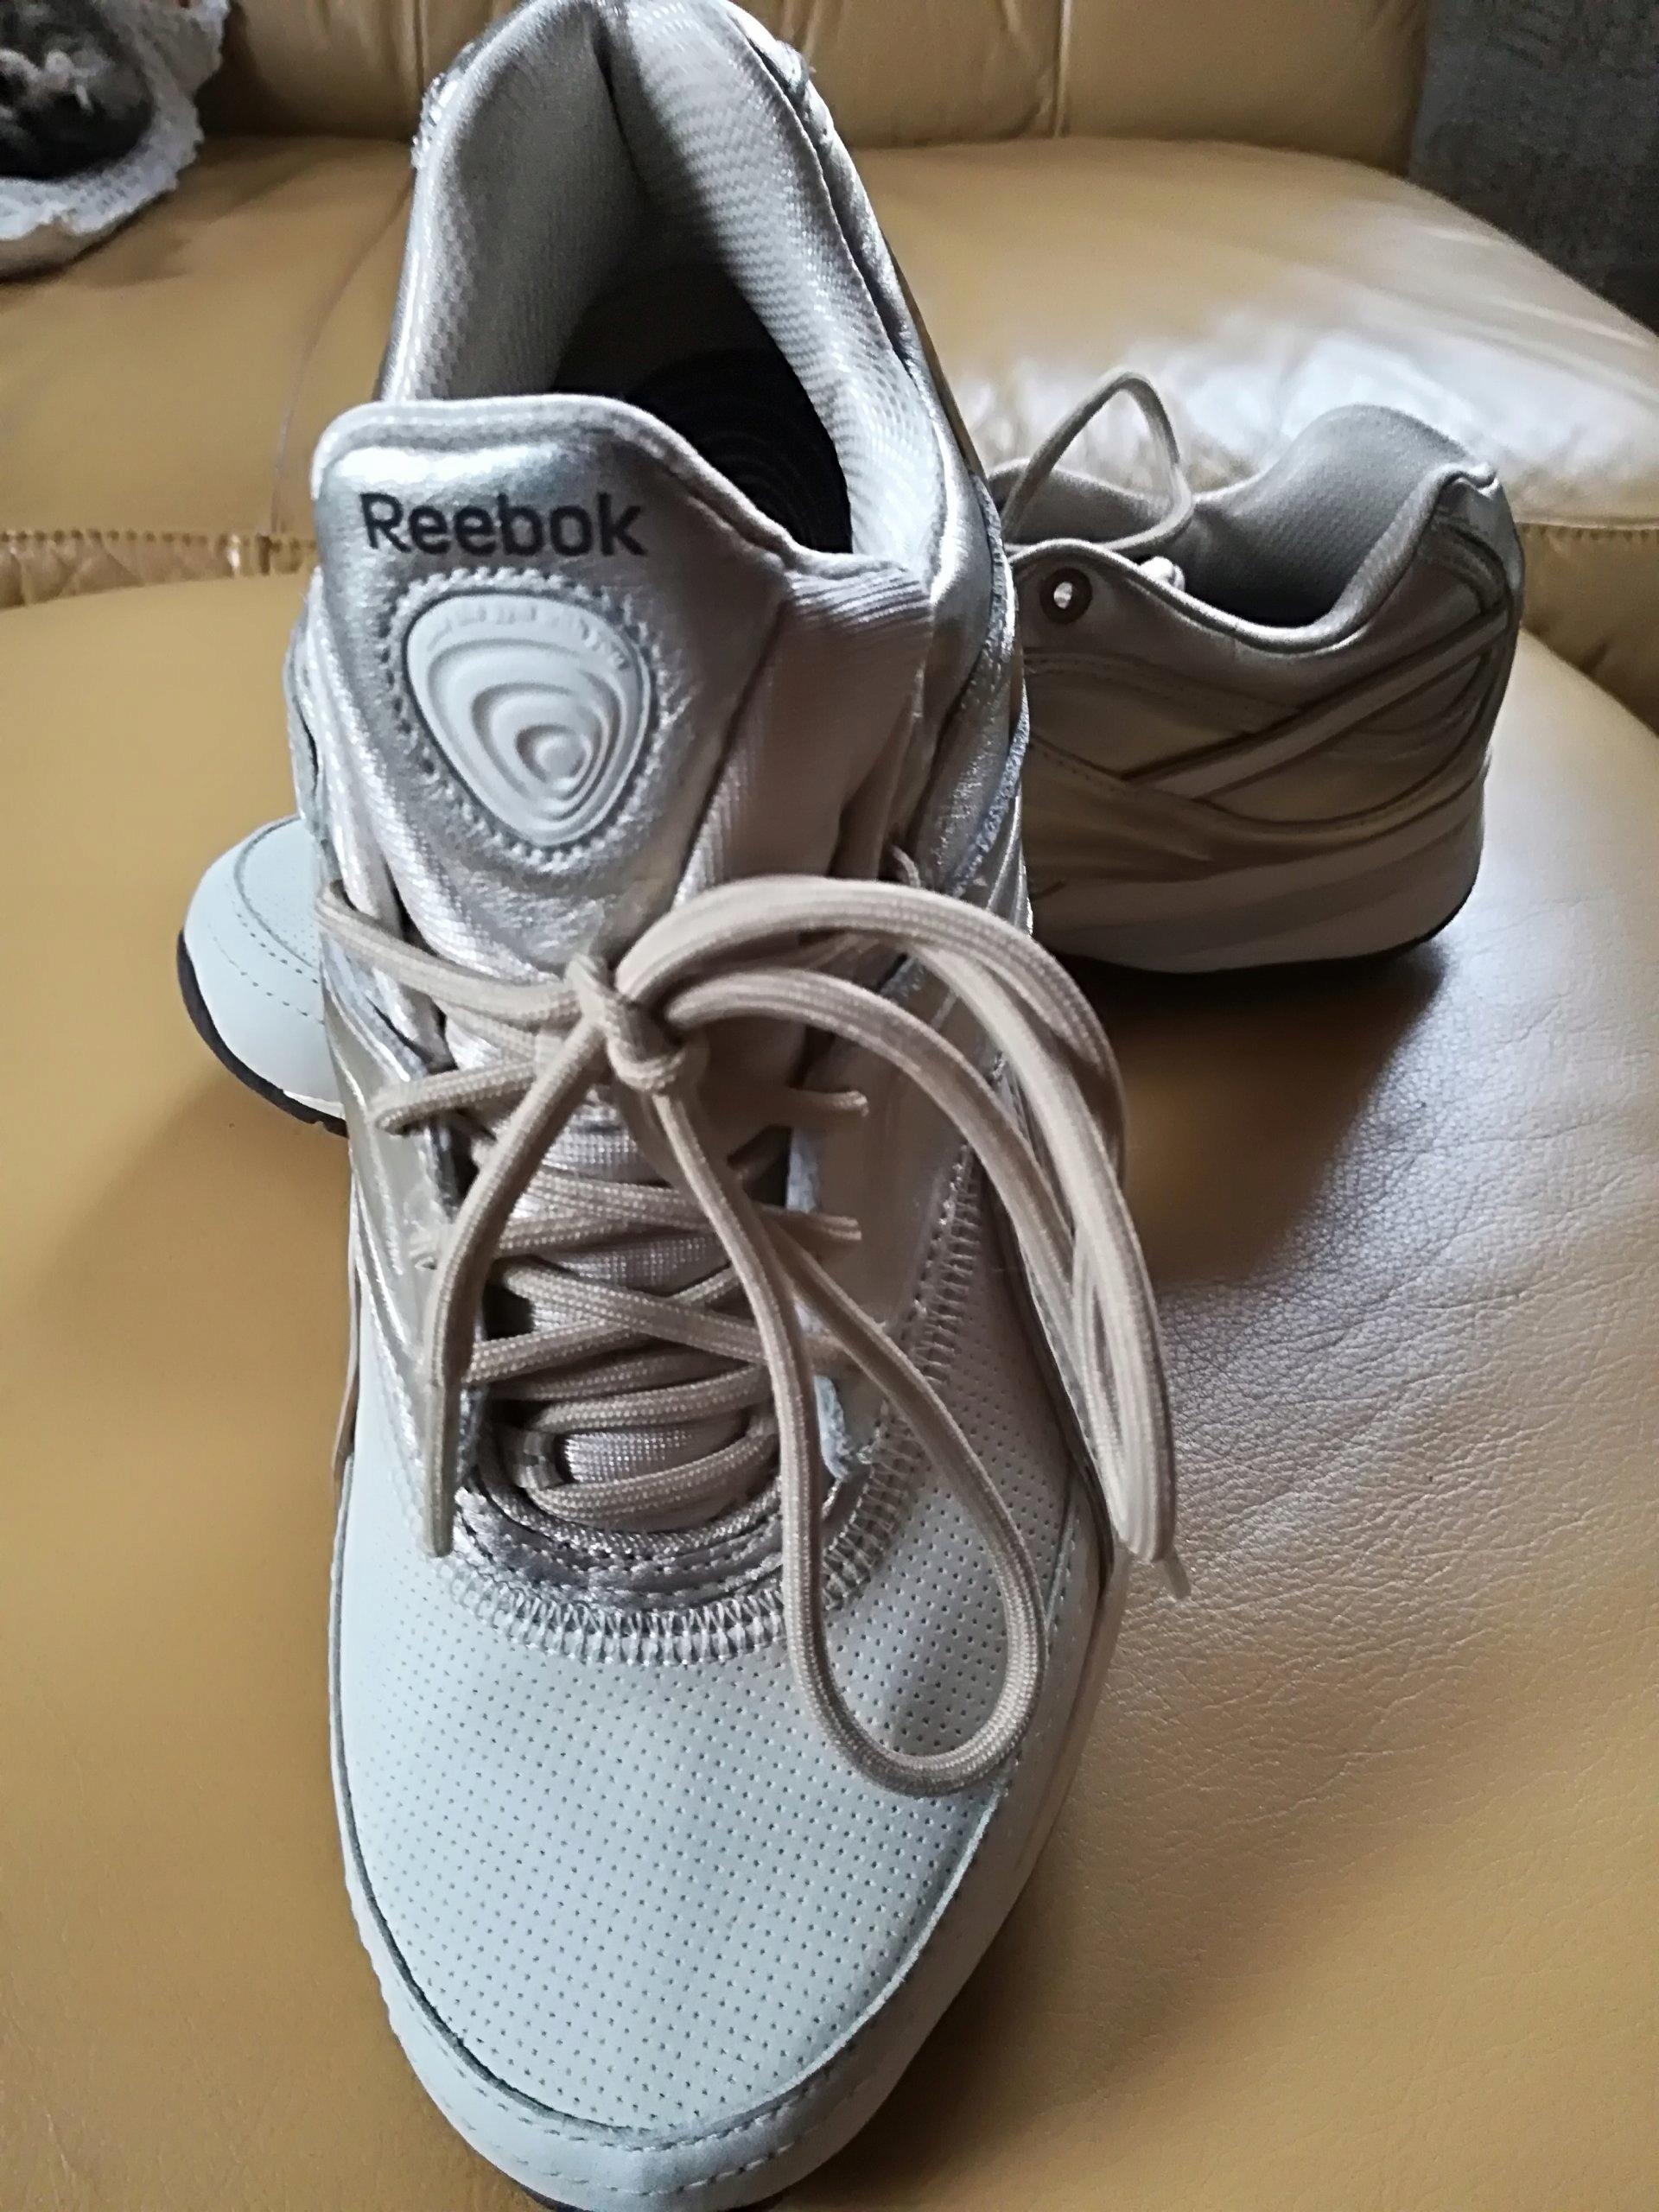 Buty sportowe, adidasy reebok easytone modelujące pośladki